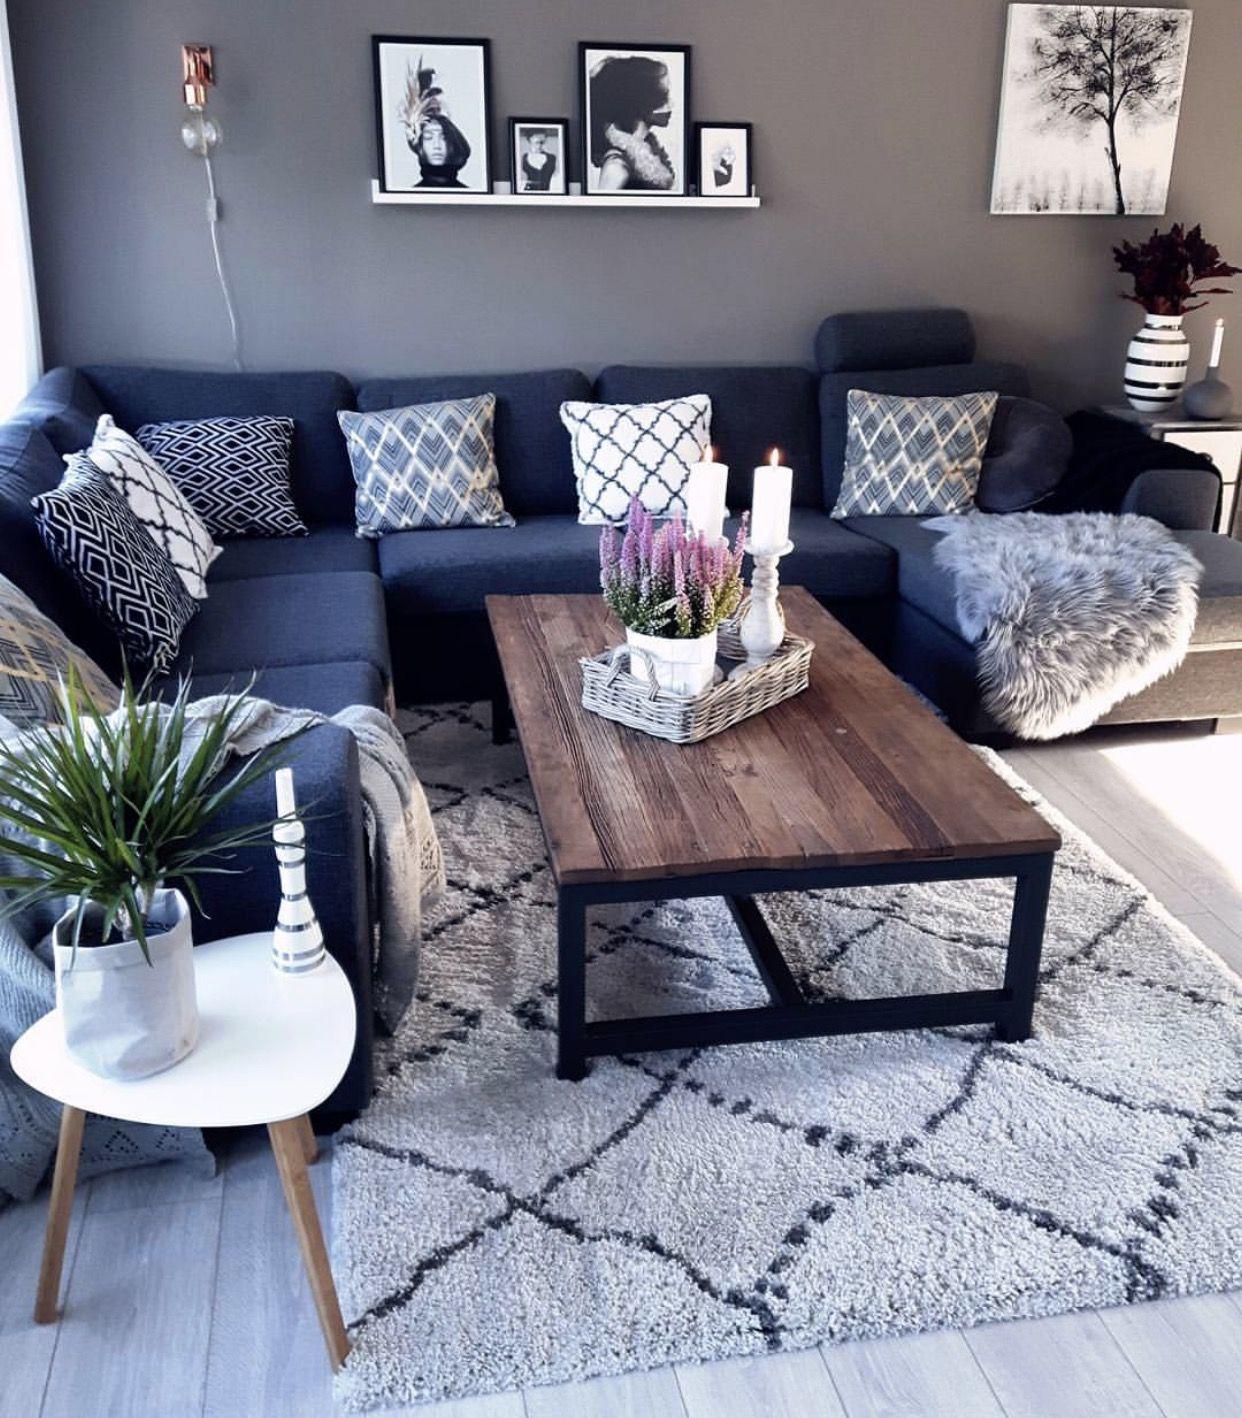 moderne wohnzimmer einrichtung | decoração da sala, sala de